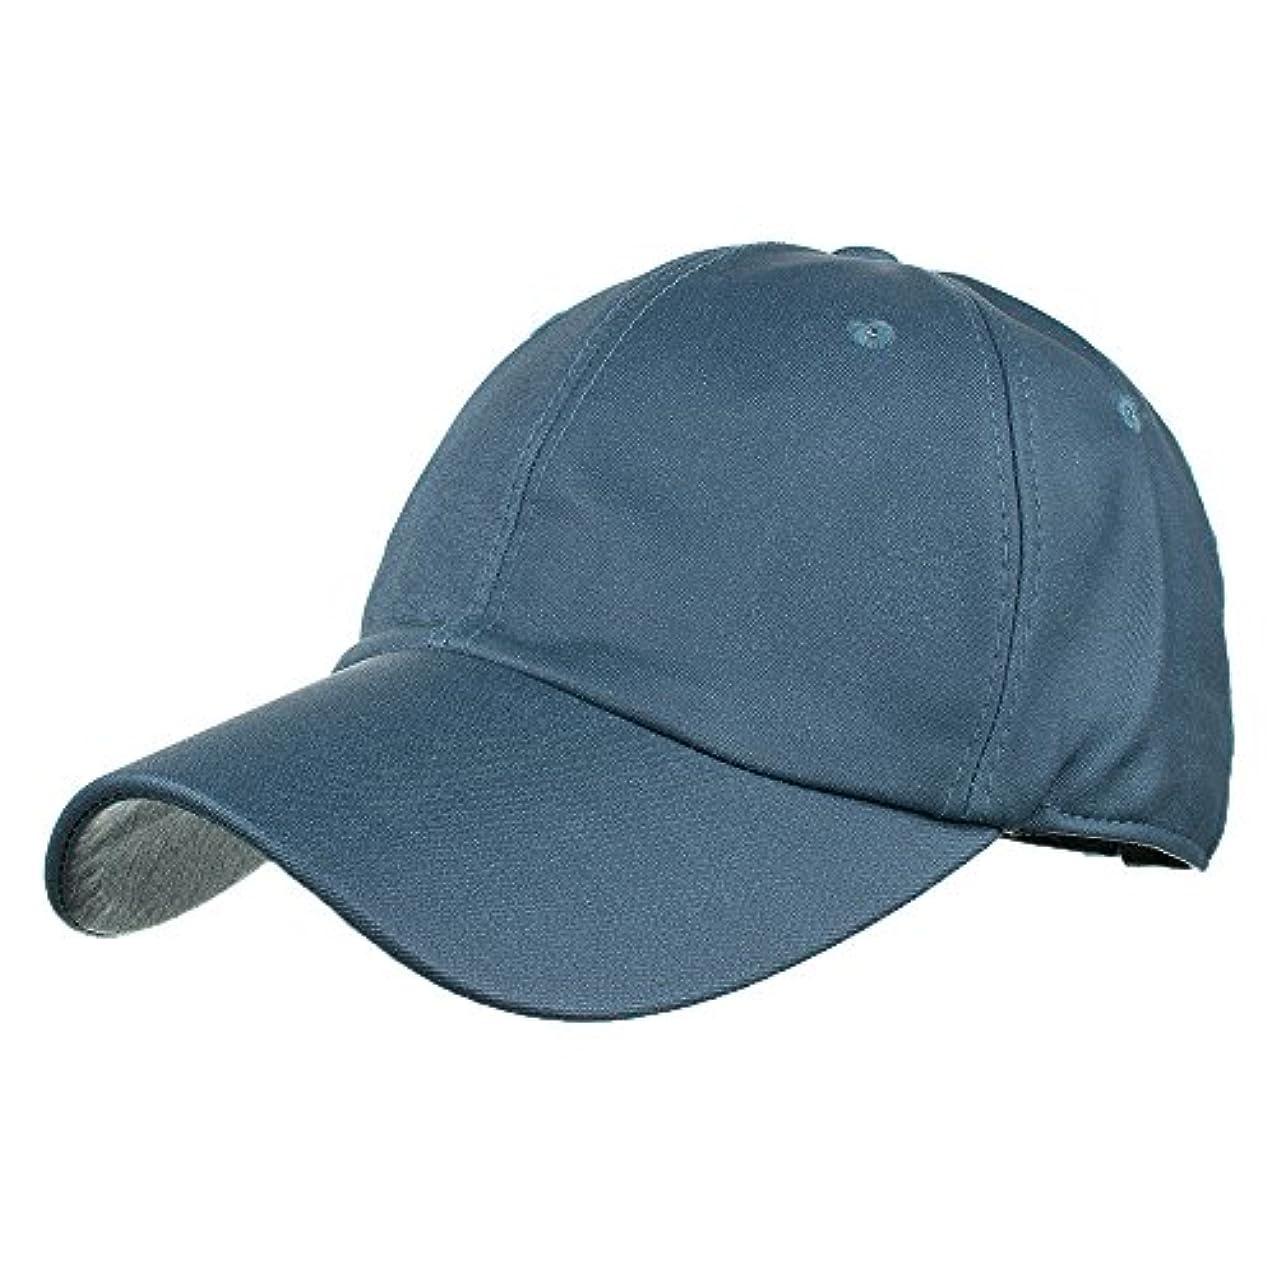 彼女カナダ十分ですRacazing Cap PU 無地 ヒップホップ 野球帽 通気性のある 帽子 夏 登山 可調整可能 棒球帽 UV 帽子 軽量 屋外 Unisex Hat (紺)